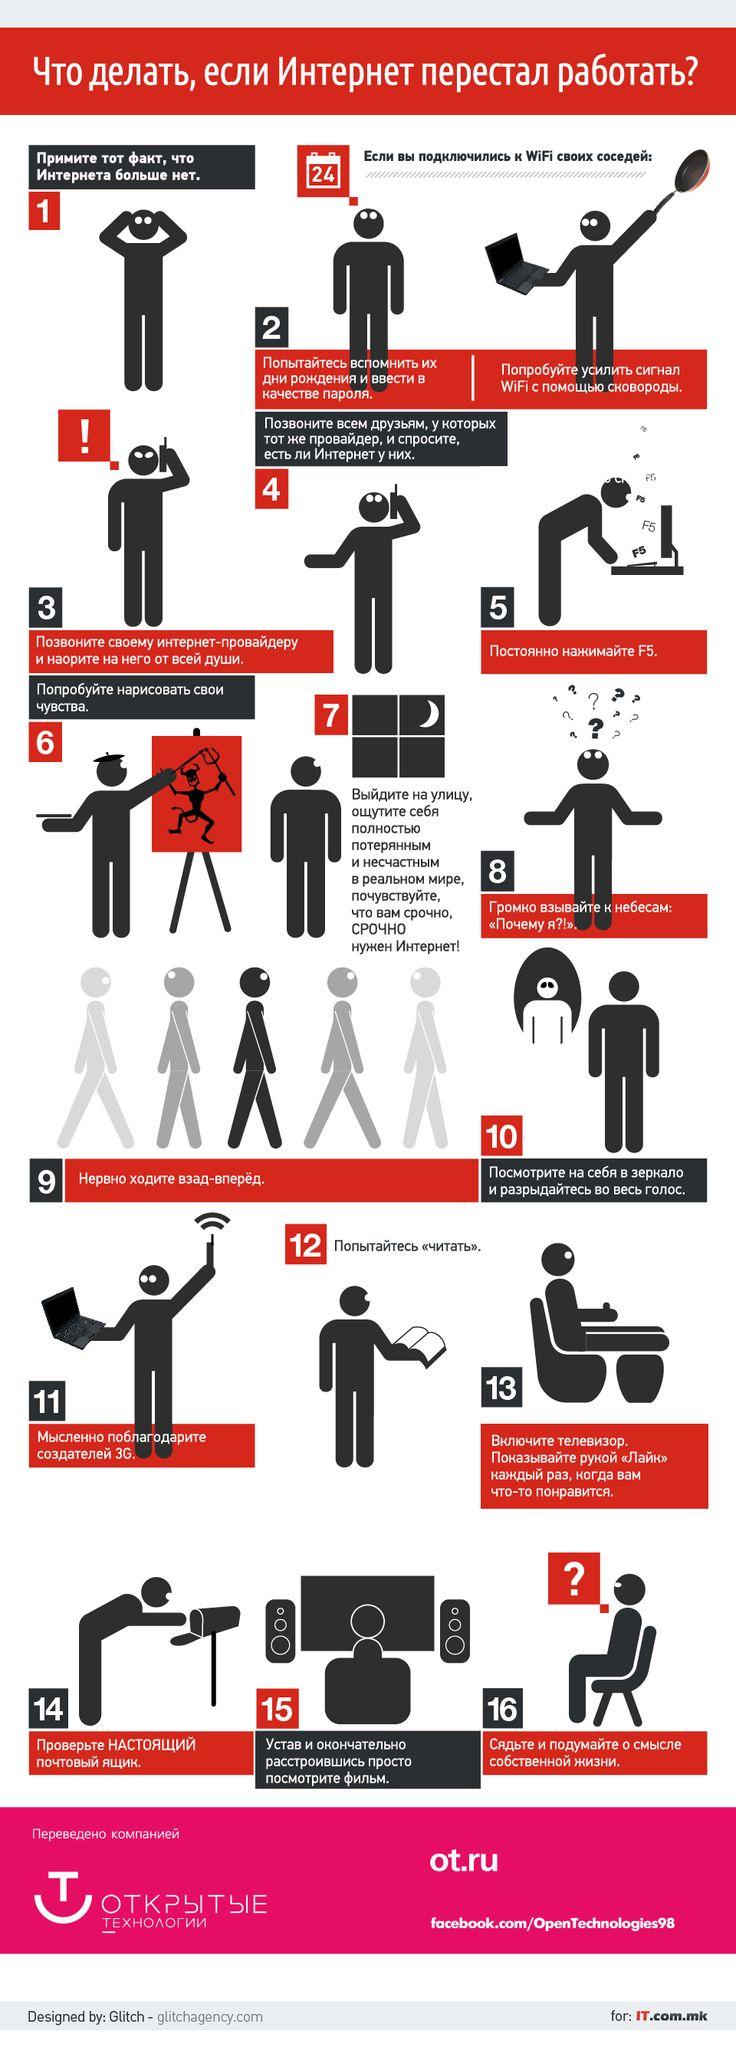 #интернет #Internet  #инфографика #infographics